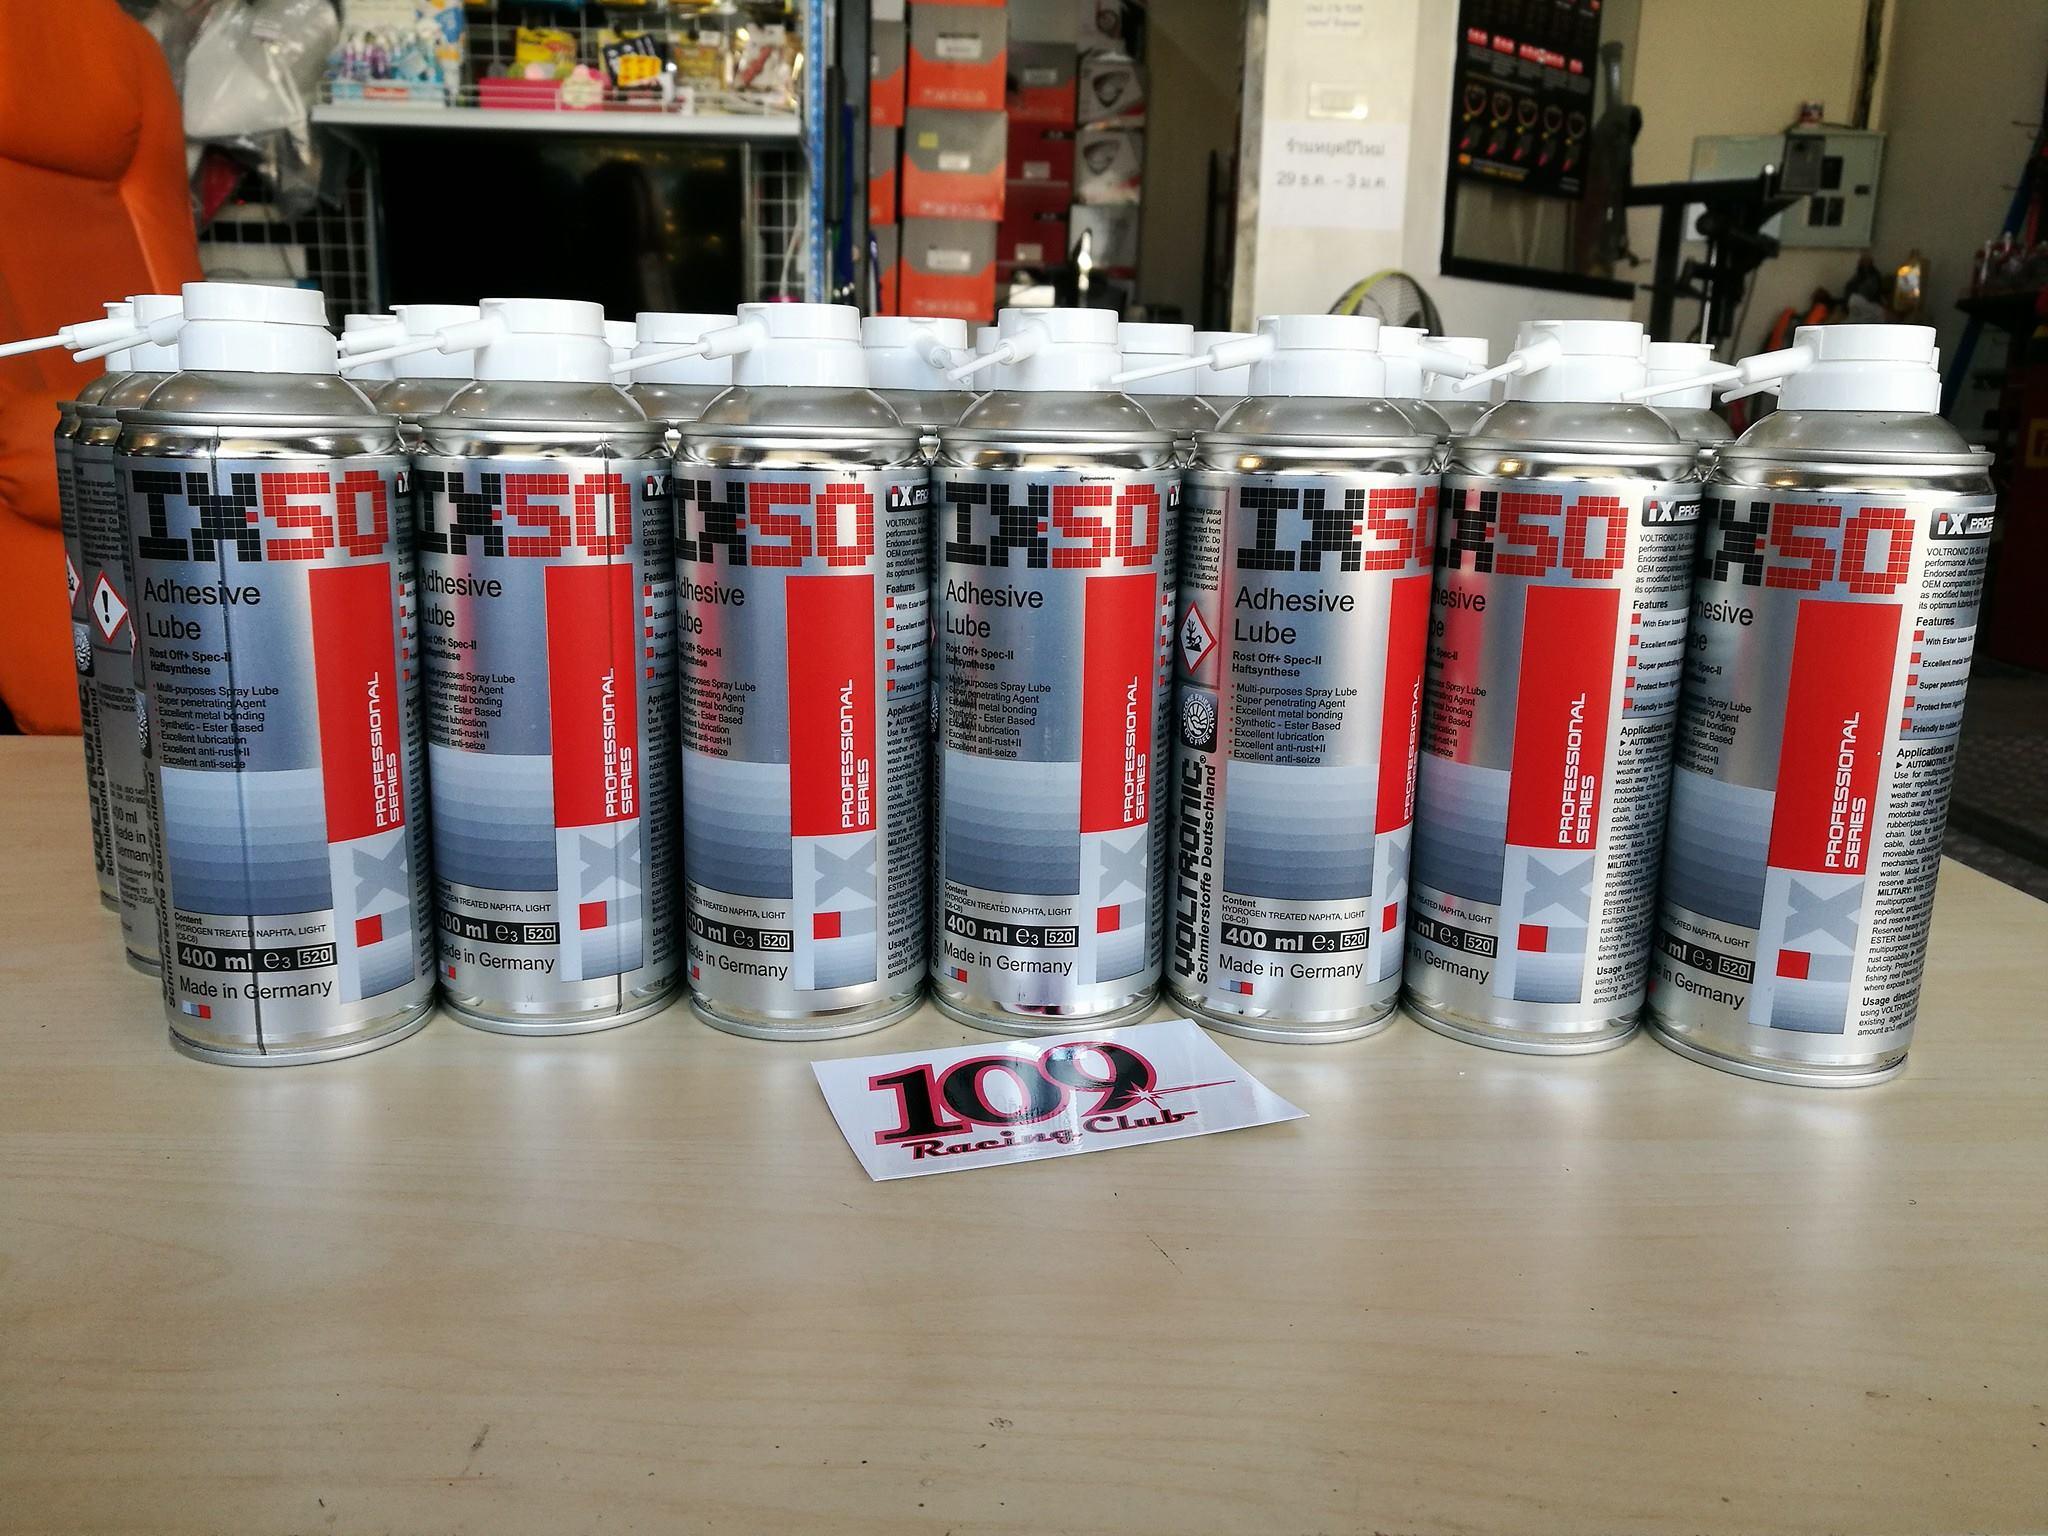 สเปรย์หล่อลื่นโซ่ Voltronic IX50 Adhesive lube